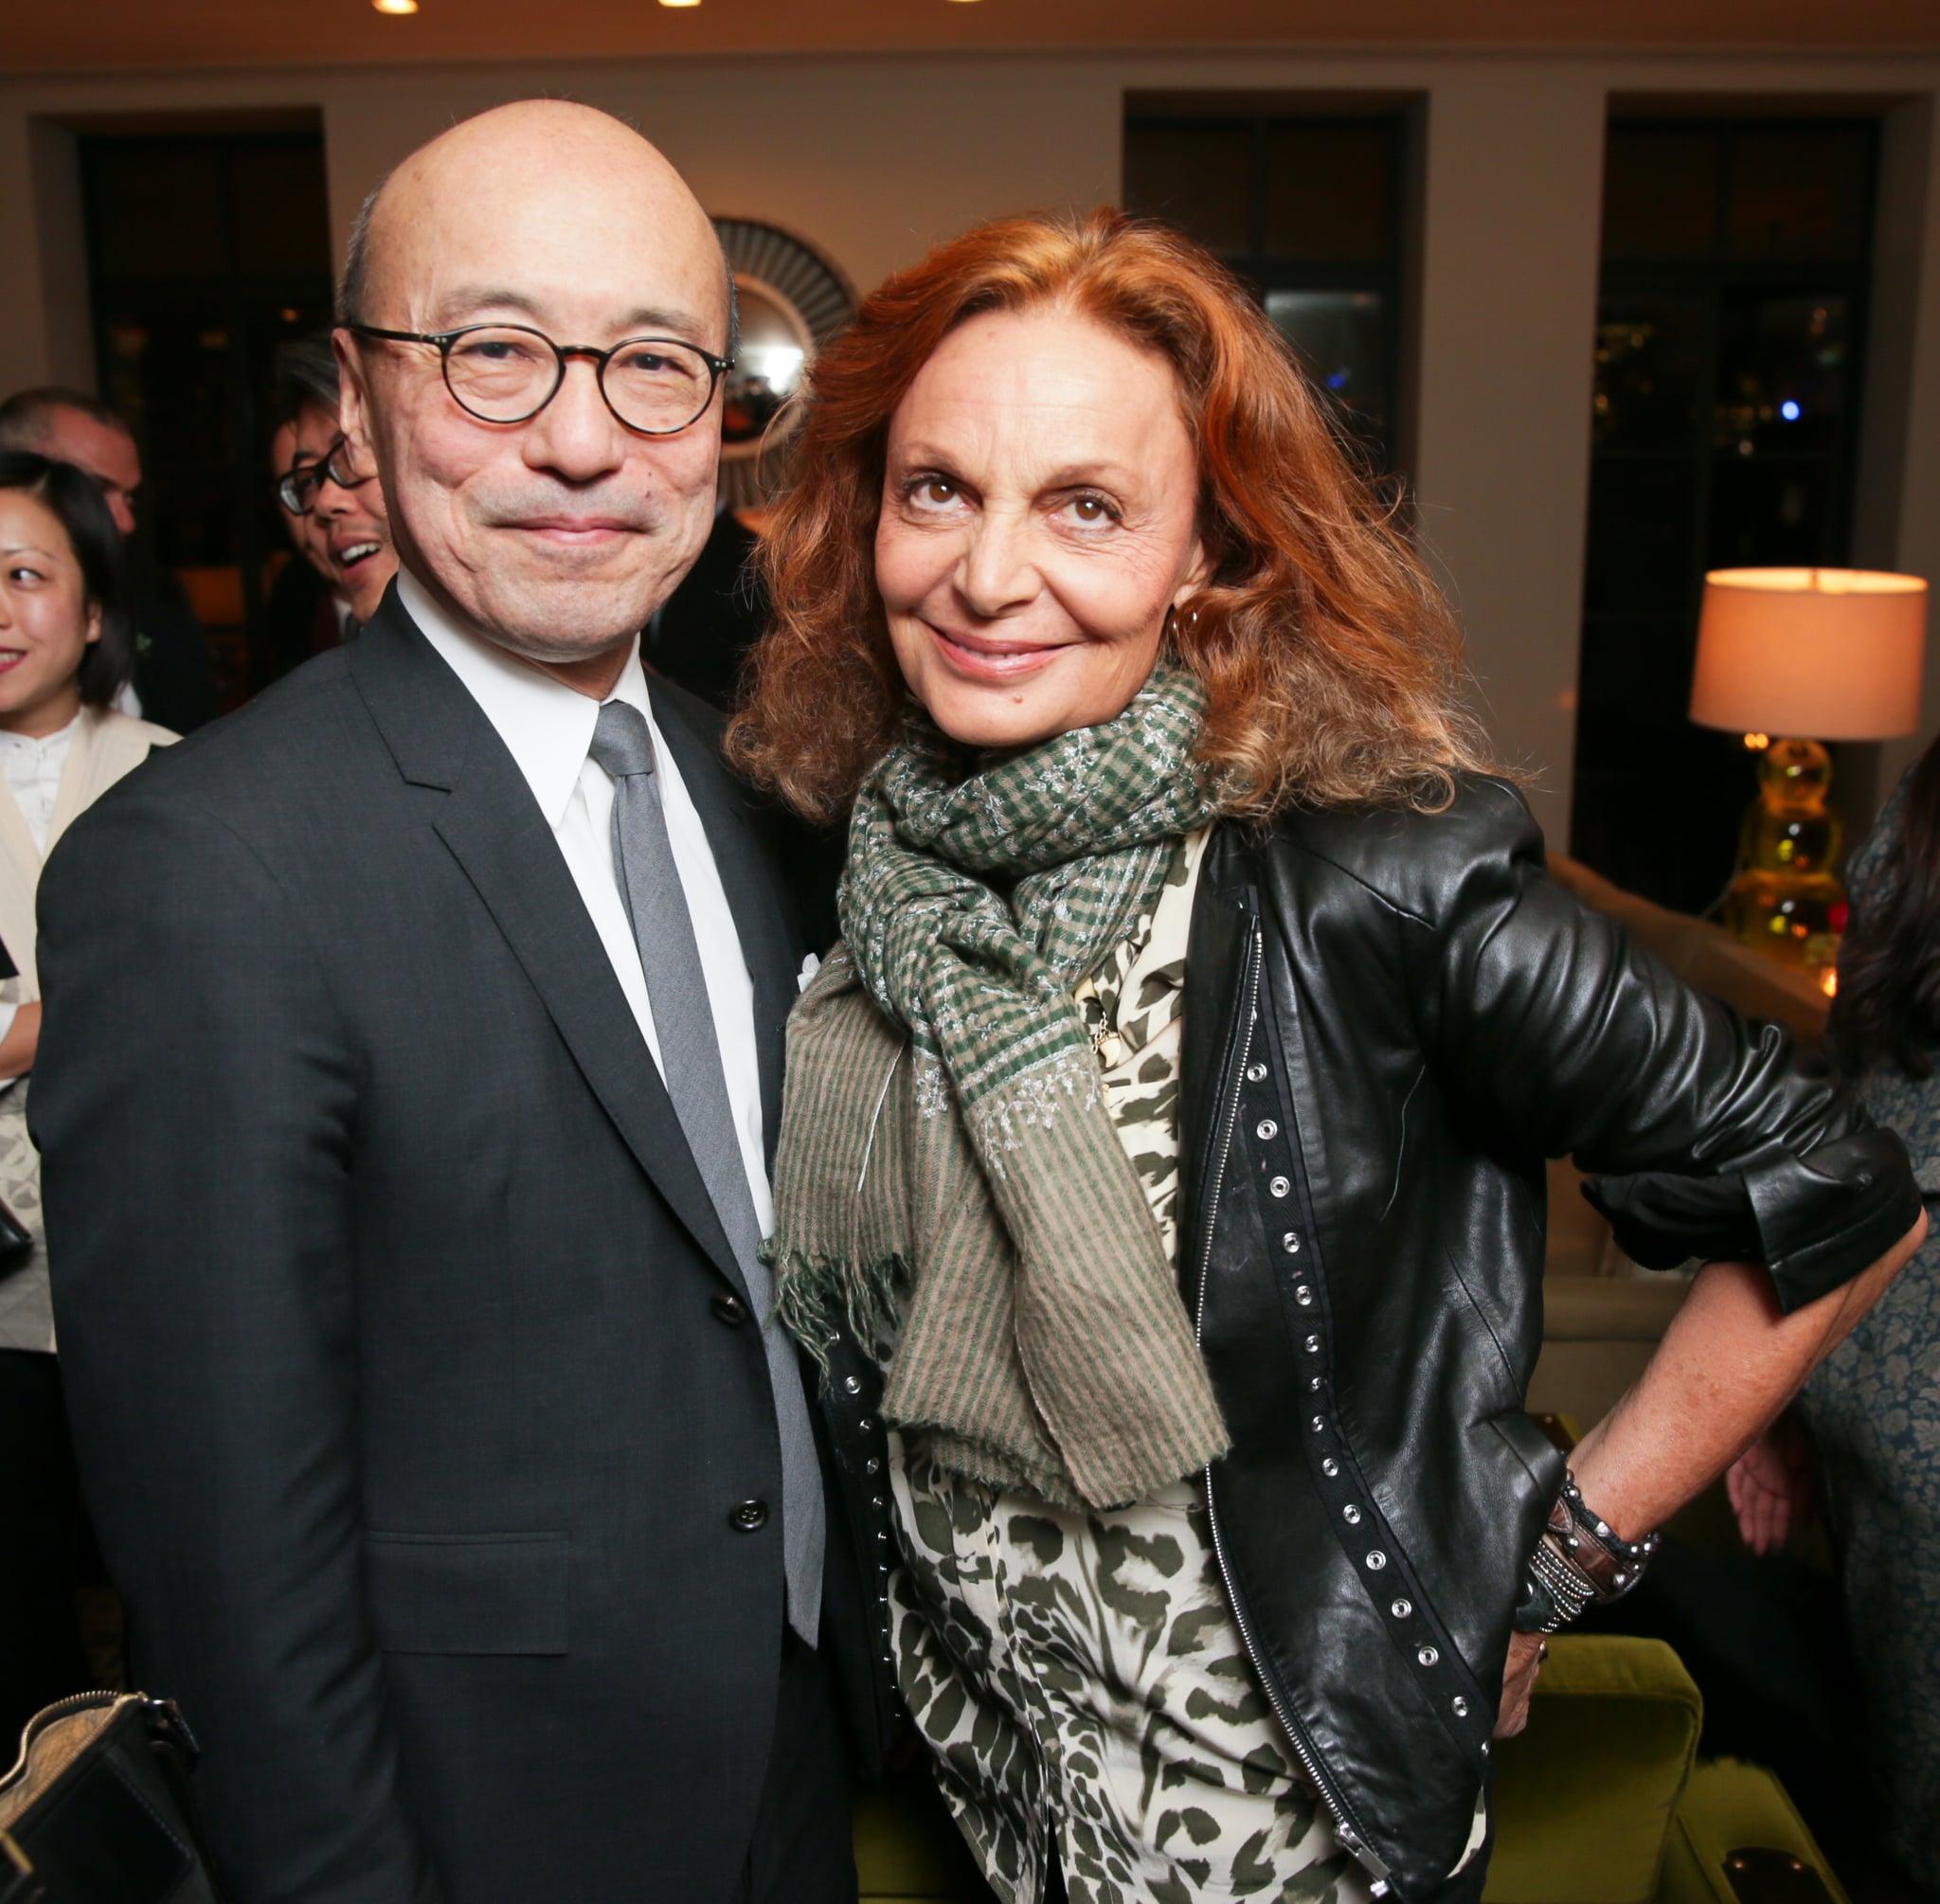 Harold Koda and Diane von Furstenberg